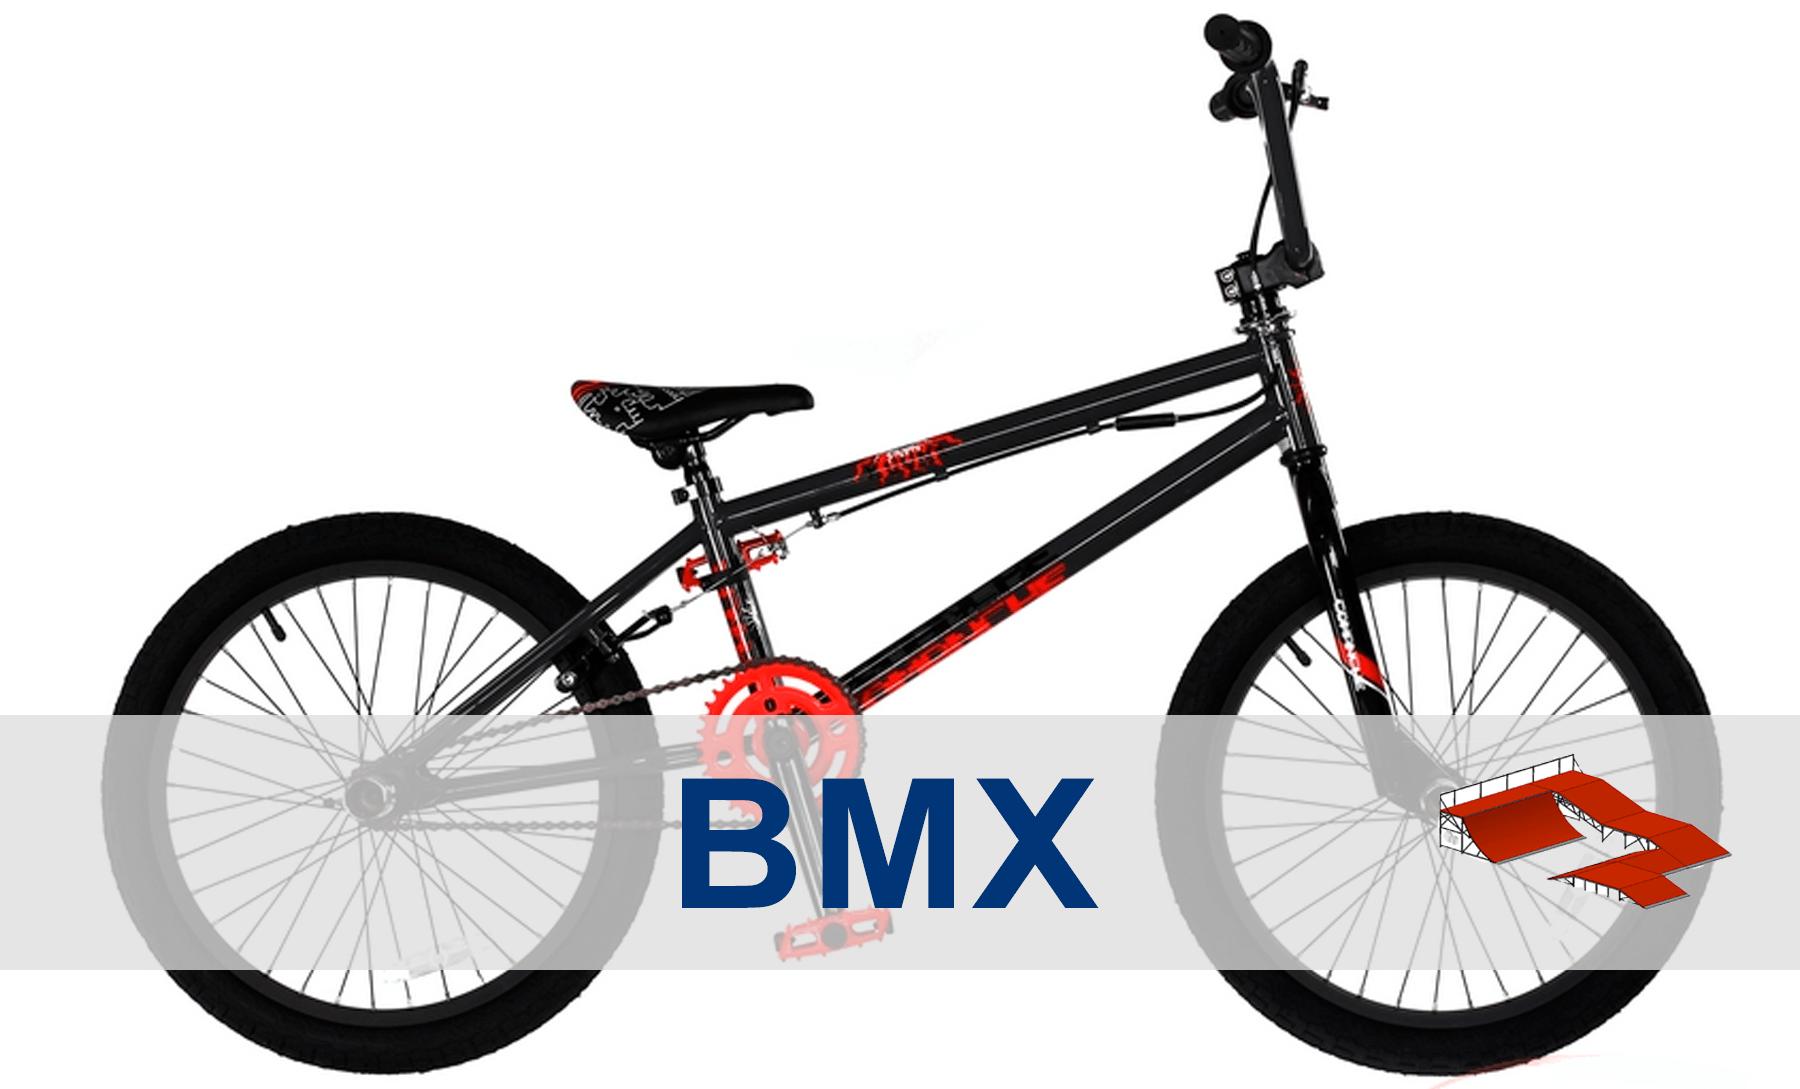 bmx велосипеды фото